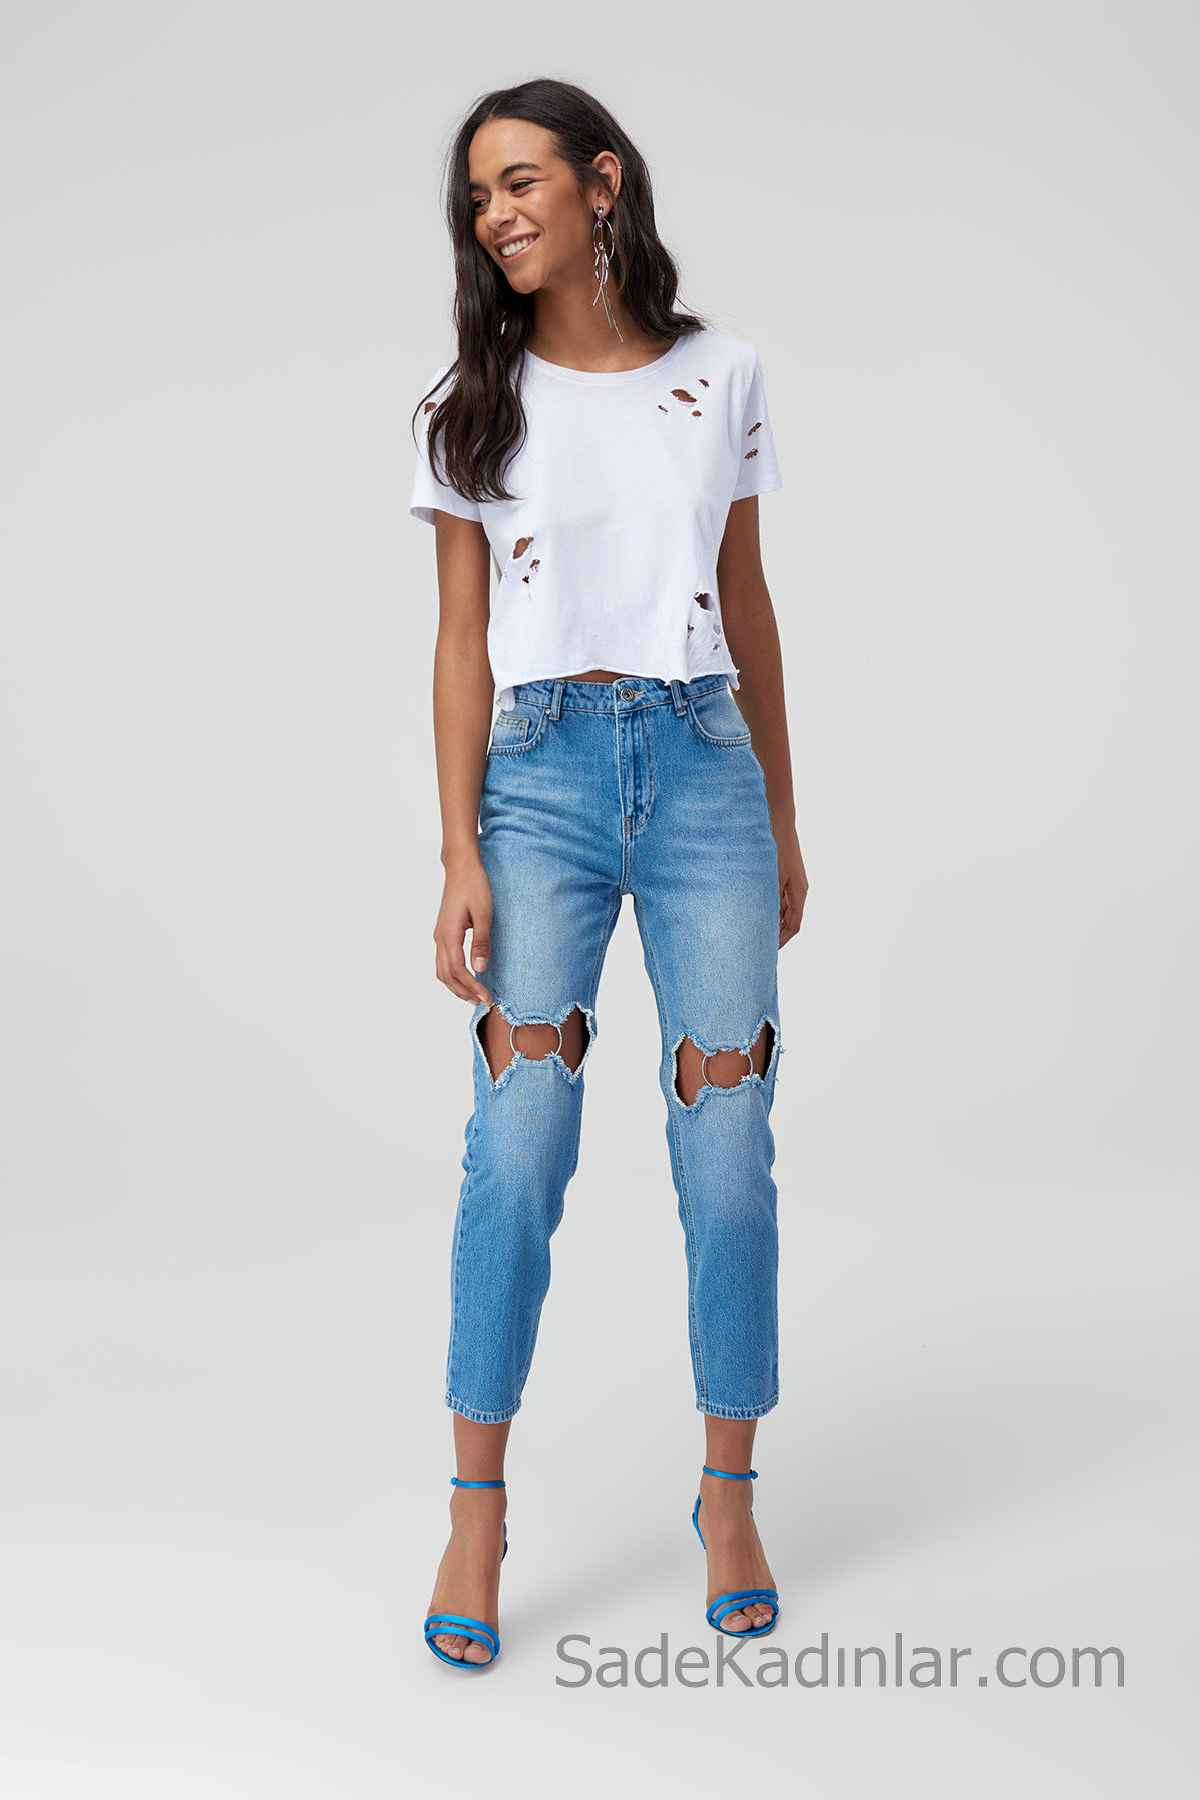 Pantolon Kombinleri Mavi Aksesuarlı Pantolon Beyaz Kısa Kollu Yırtık Tişört